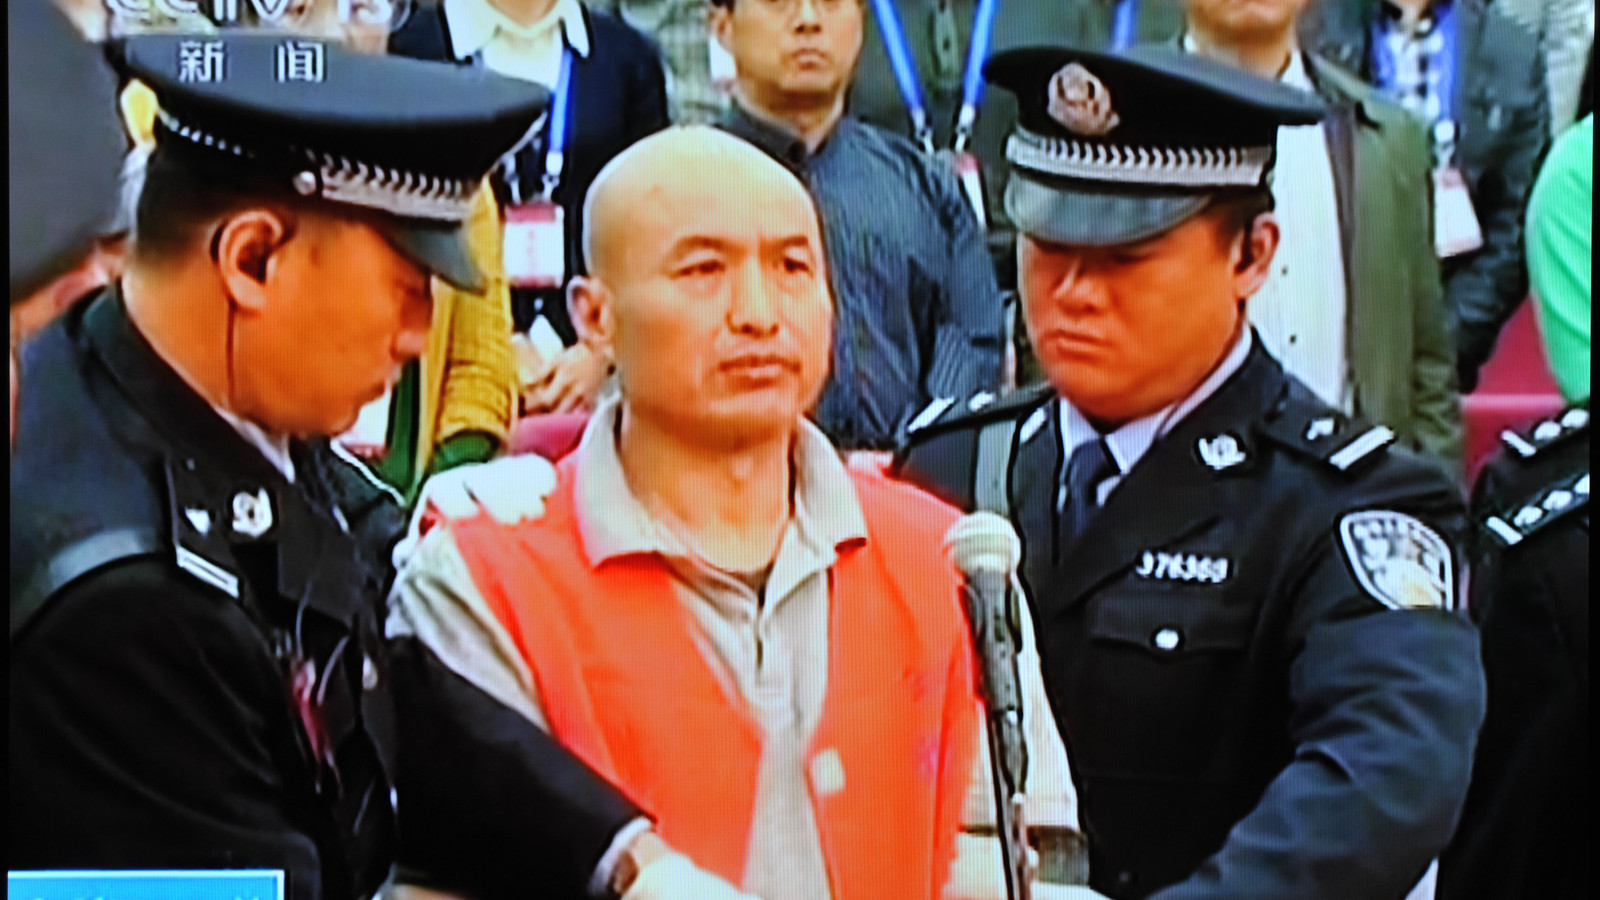 Zhang Lidong werd ter dood veroordeeld voor de moord op een 'ongelovige' in een McDonald's in China.